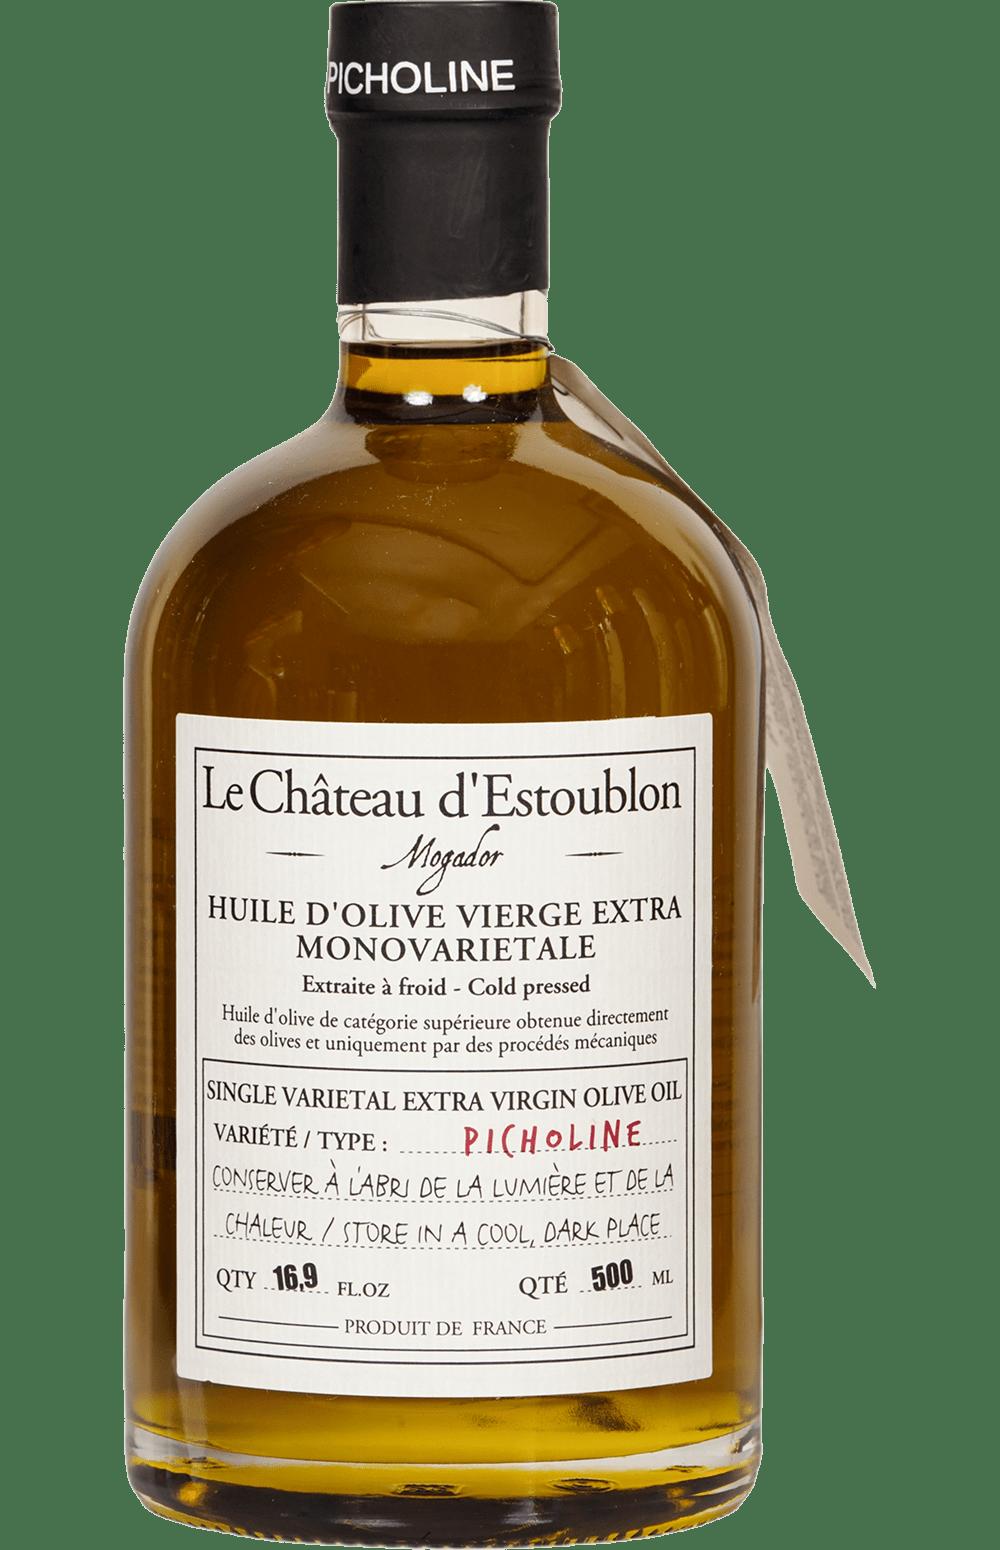 Chateau d' Estoublon